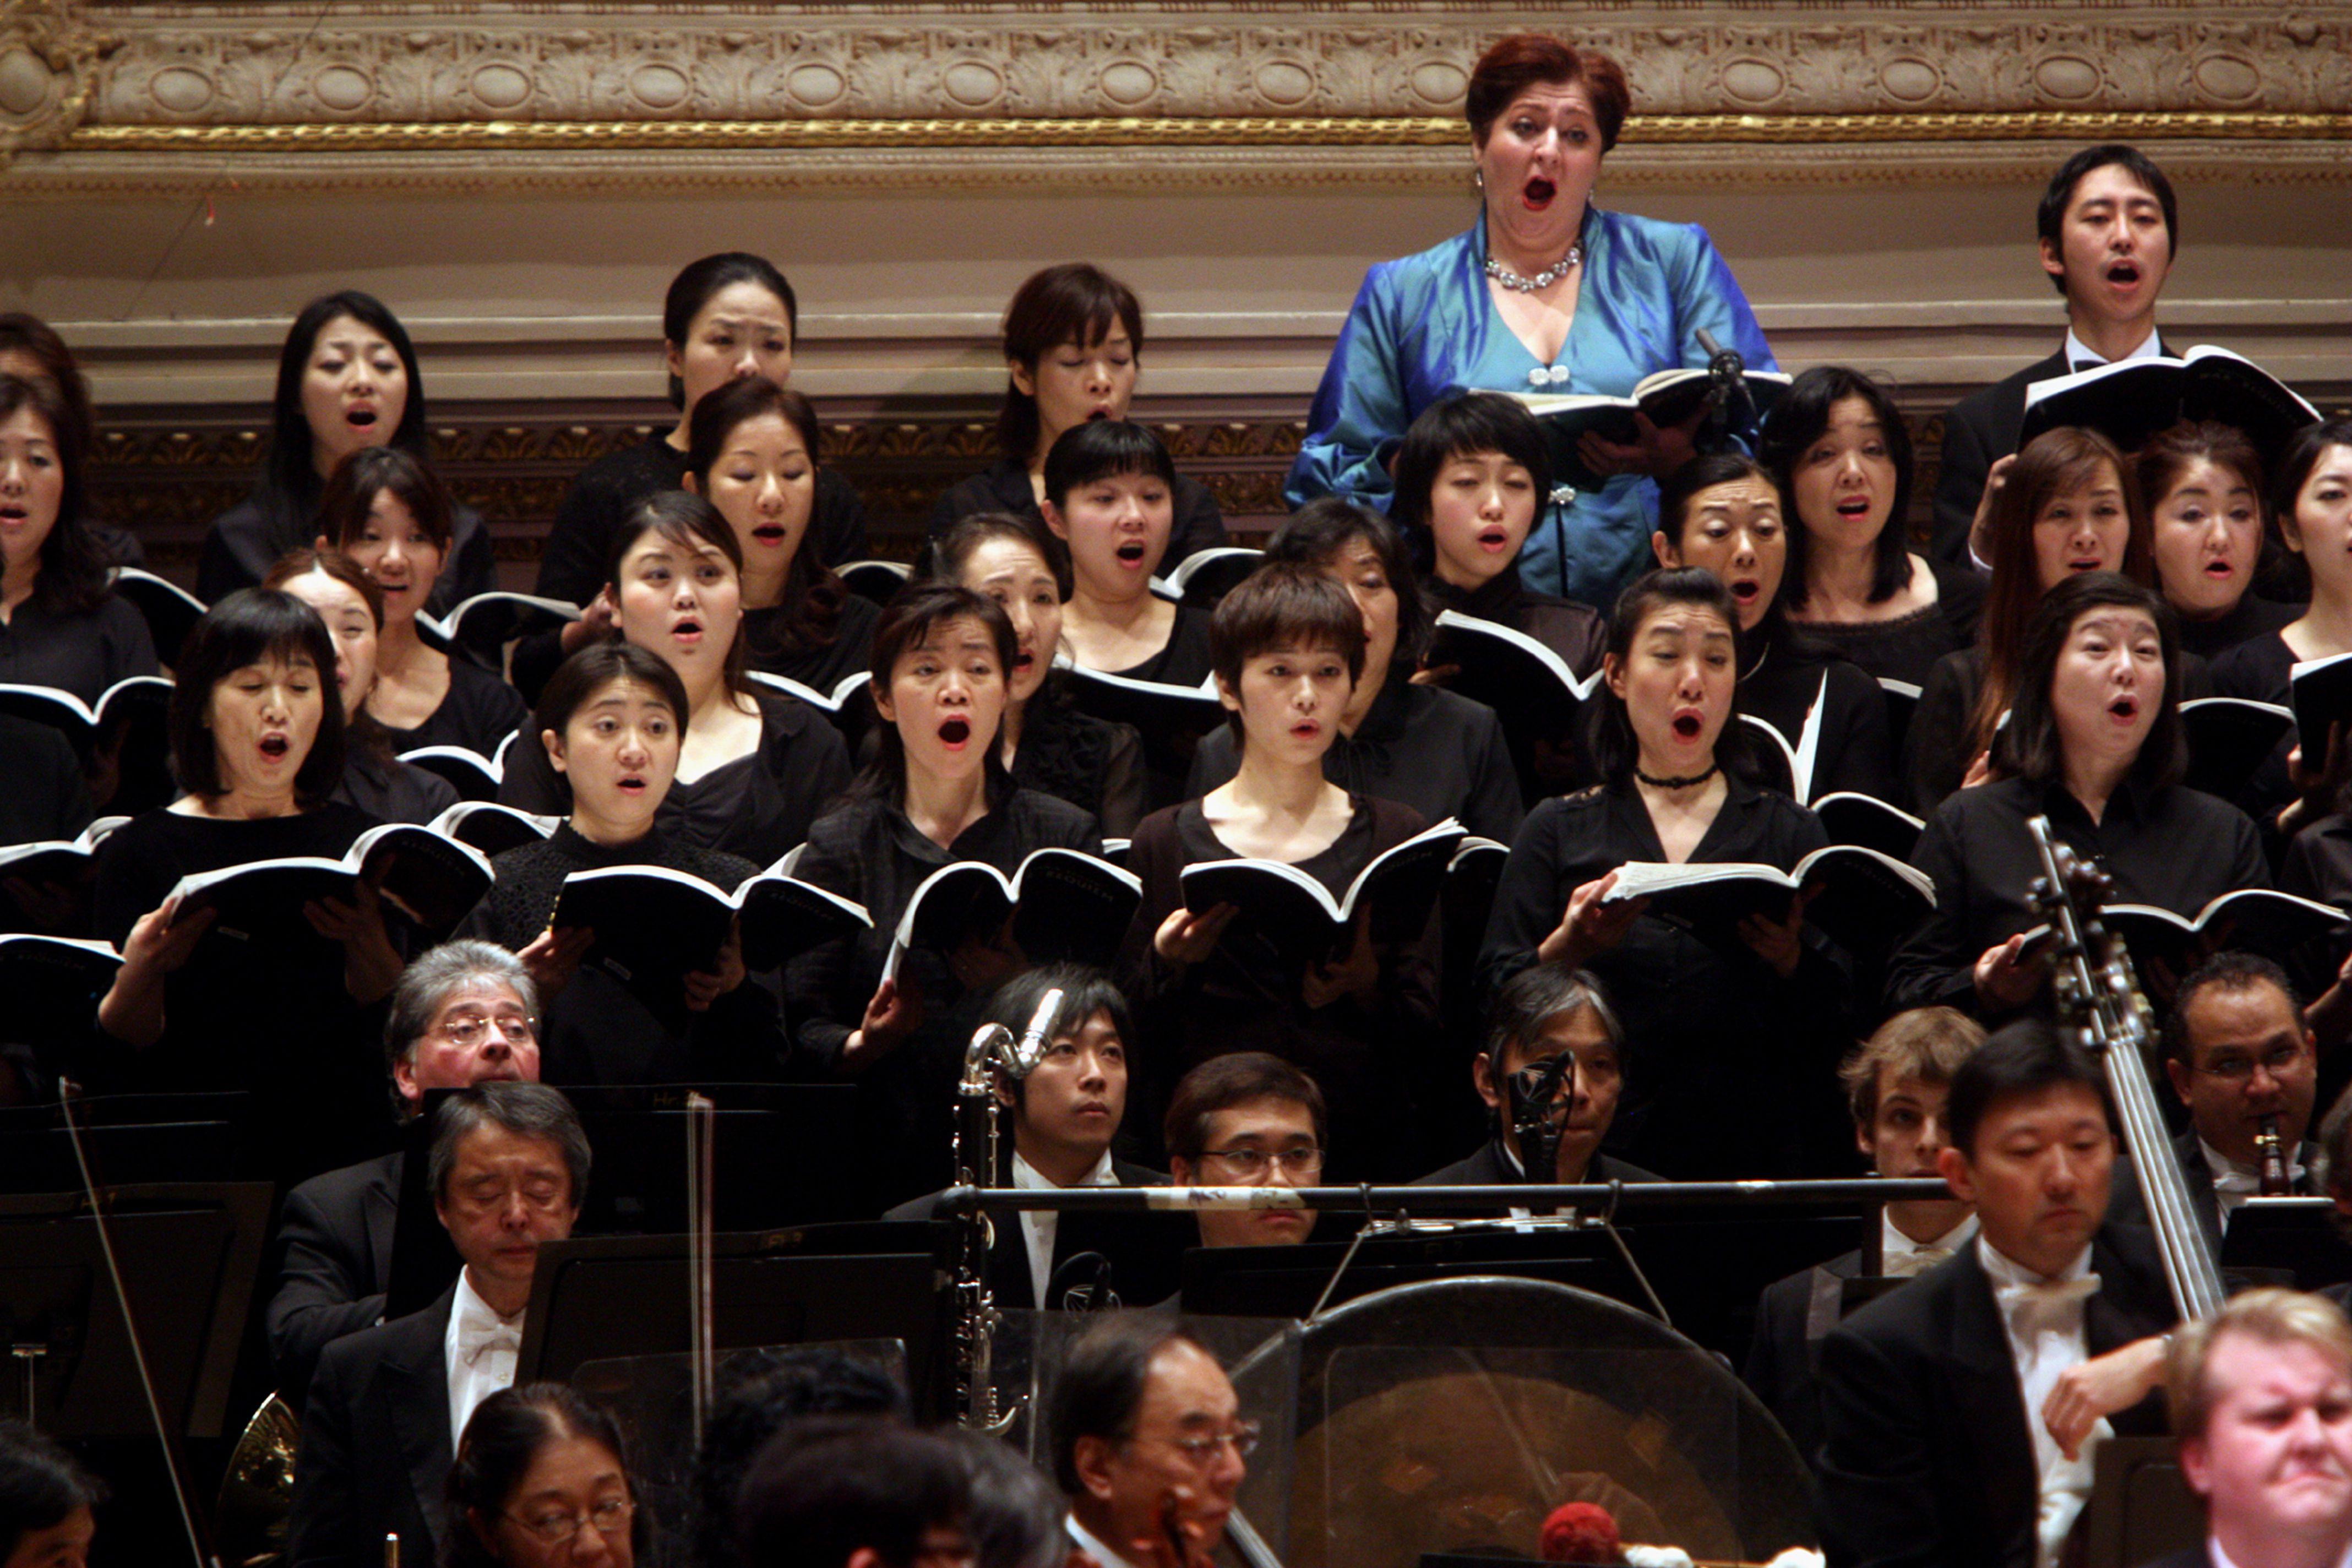 Saito Kinen Orchestra